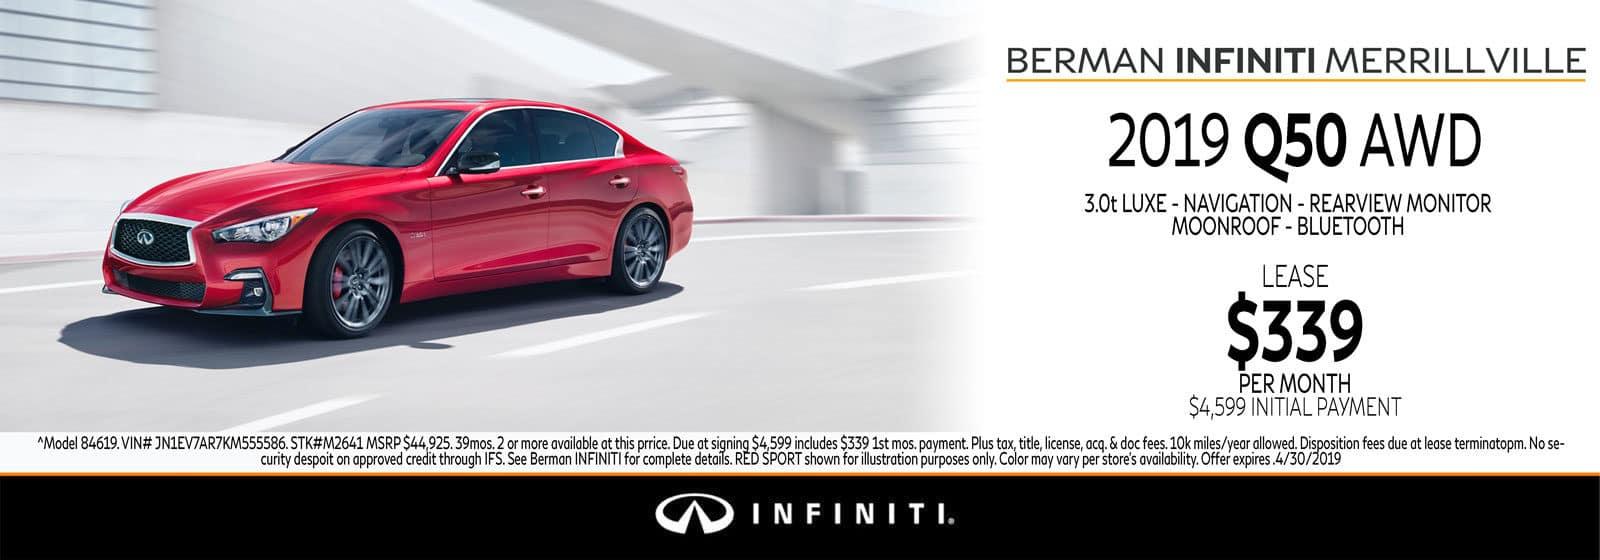 New 2019 INFINITI Q50 April Offer at Berman INFINITI of Merrillville!